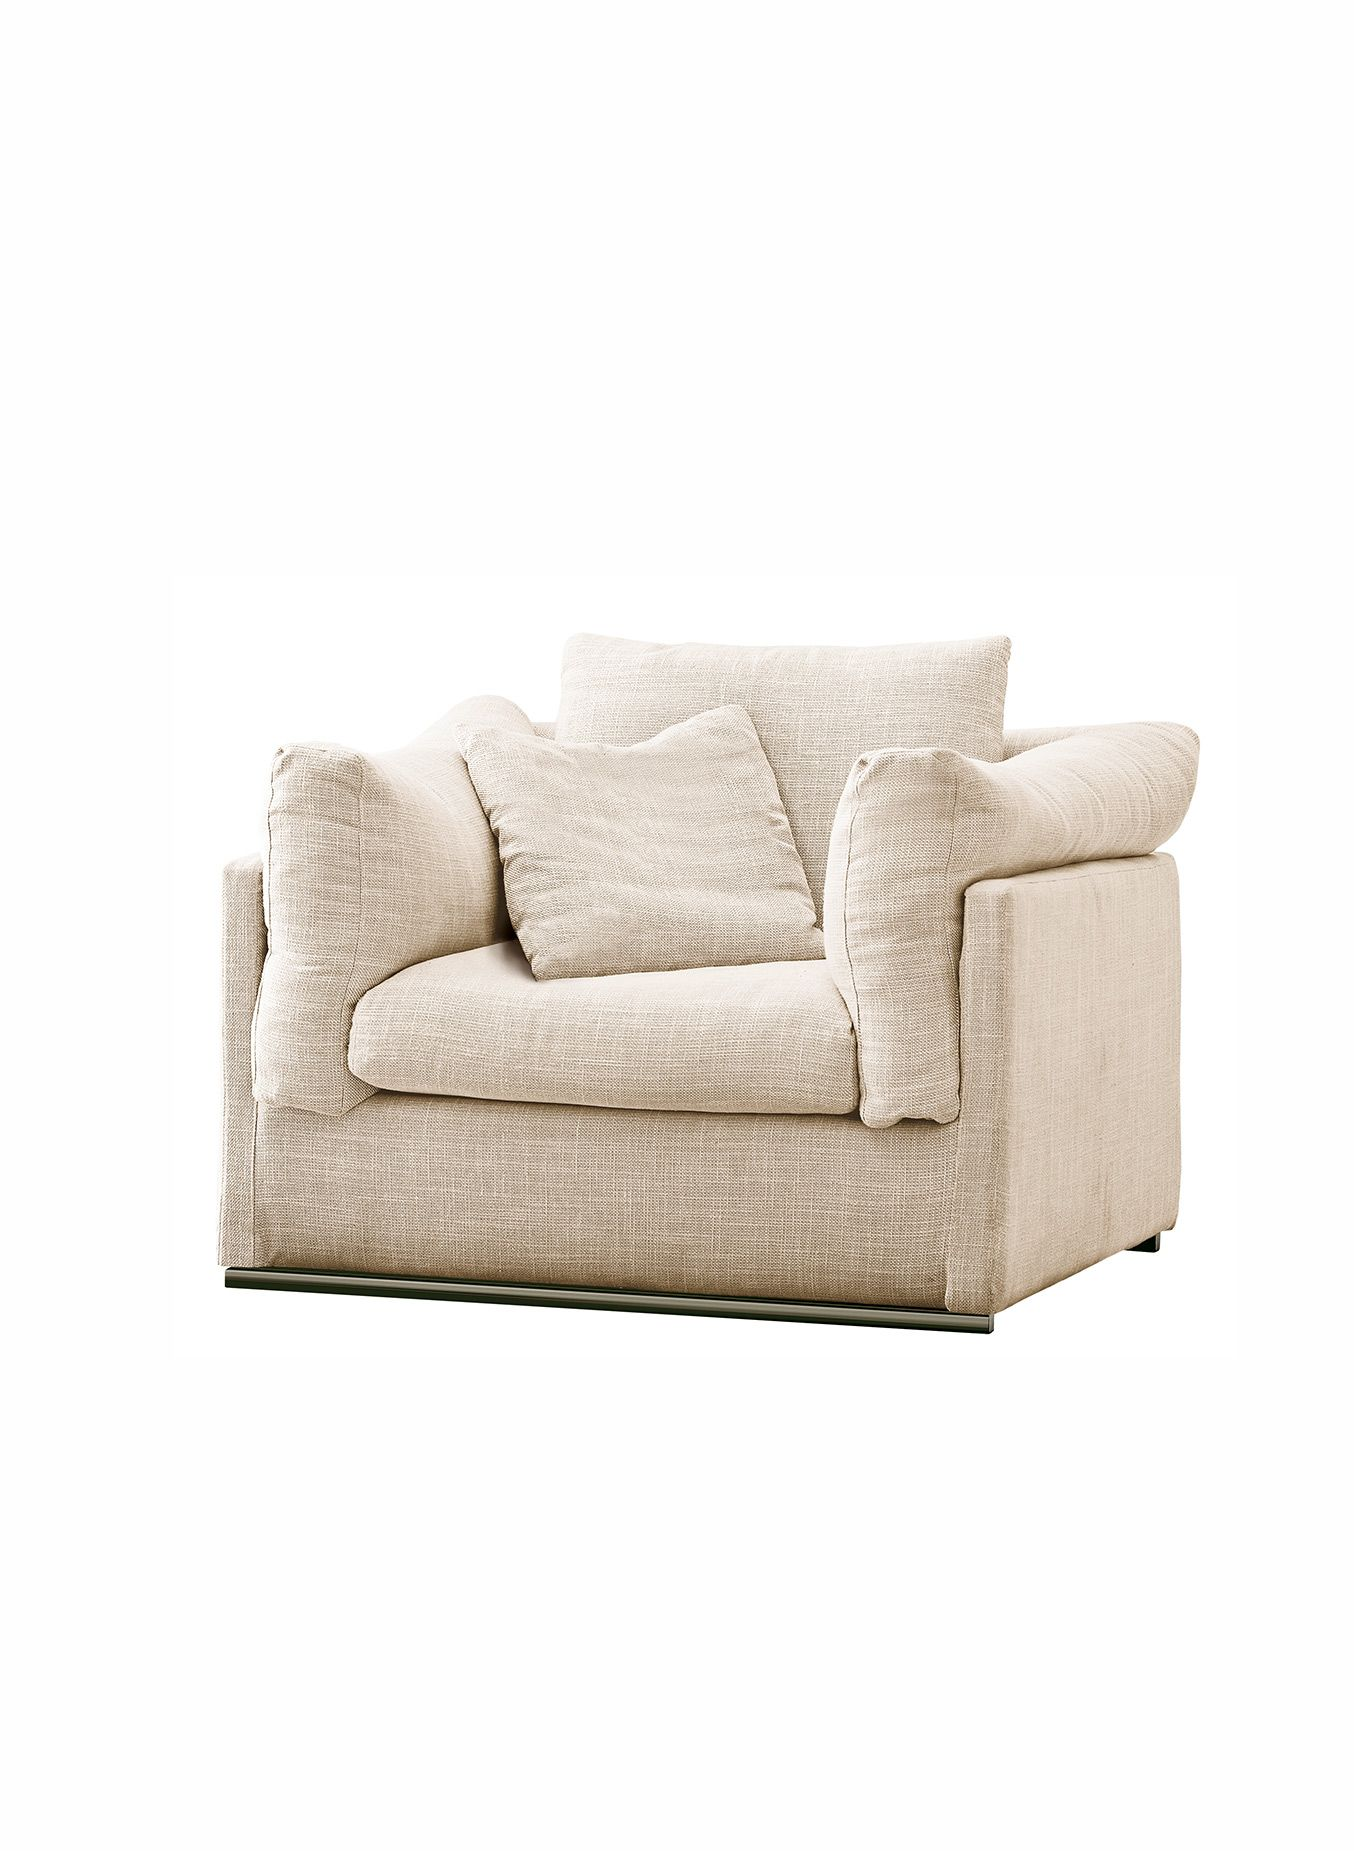 pin von octopus auf kleine und gro e dinge pinterest octopus m bel m bel versand und kokon. Black Bedroom Furniture Sets. Home Design Ideas